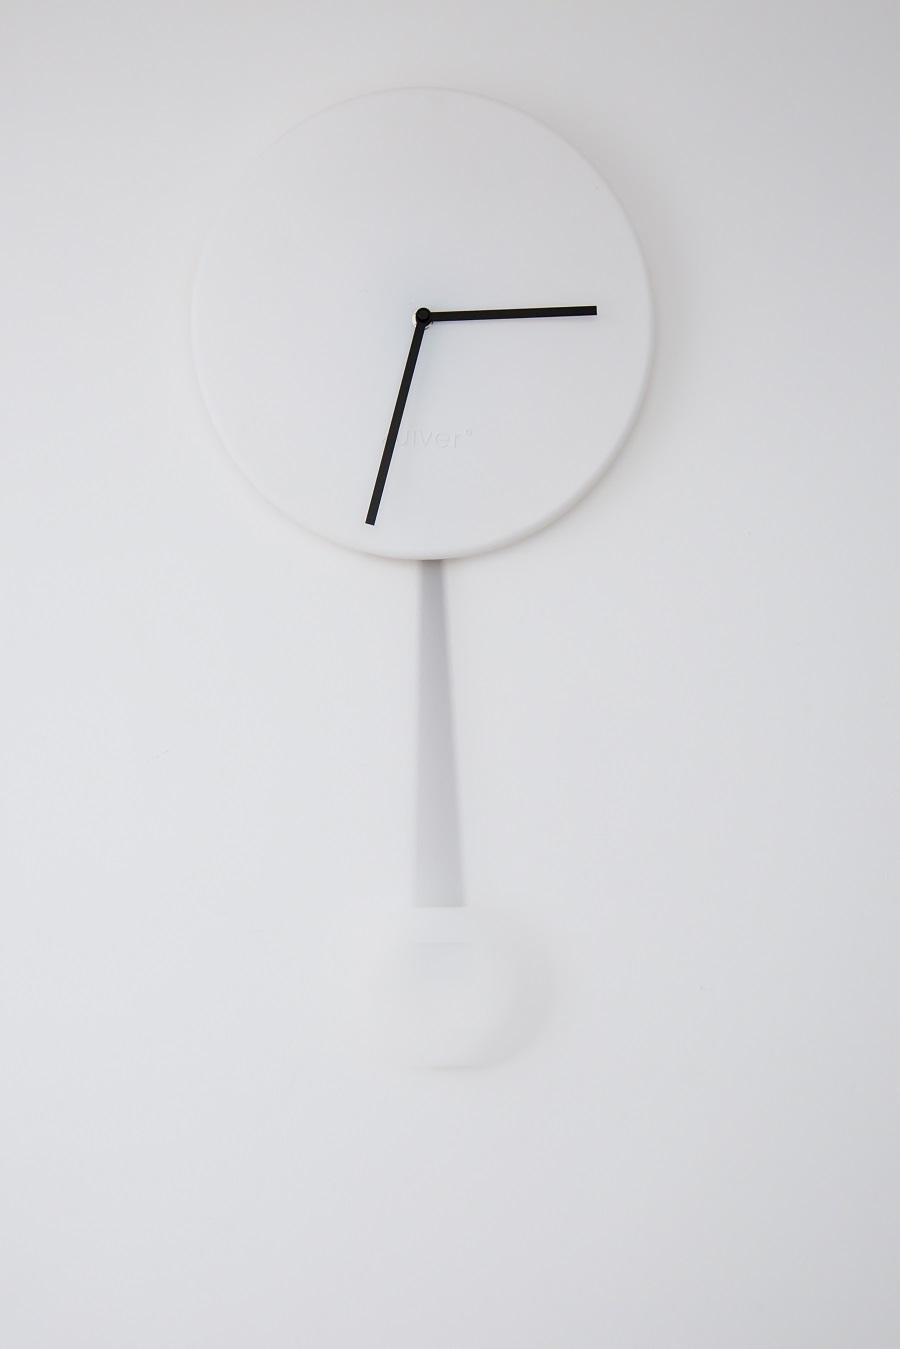 עיצוב ספיר לוי מאורי | צילום הילה עידו